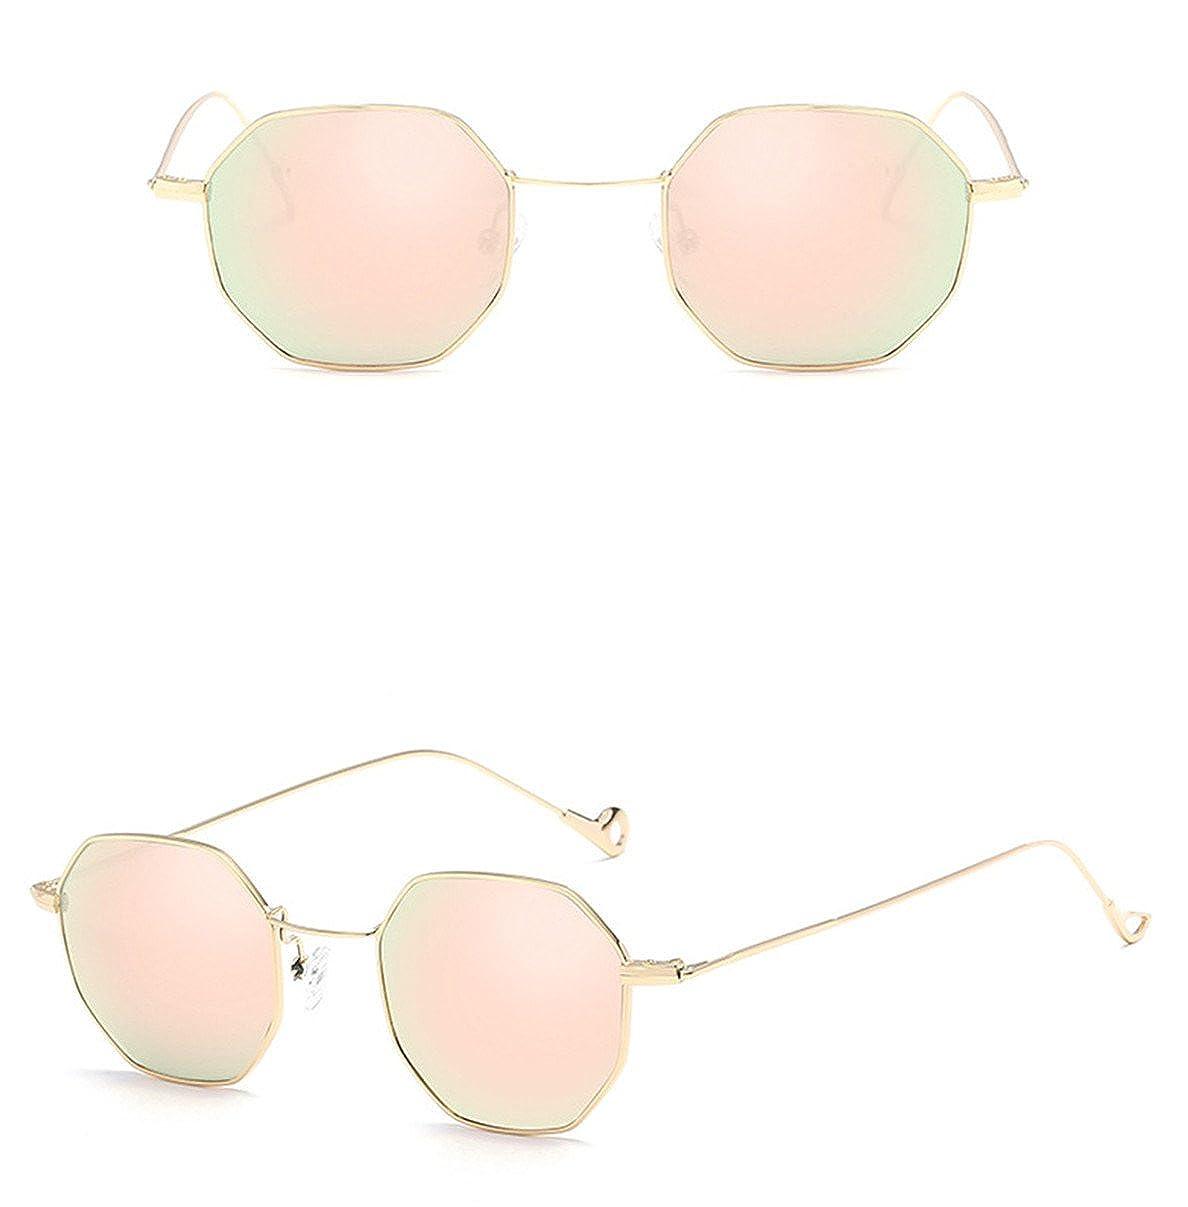 Donna Uomo Moda Metal Irregolarit/à Retro Quadrato Occhiali Da Sole,Unisex Adulto Sunglass Per regalo